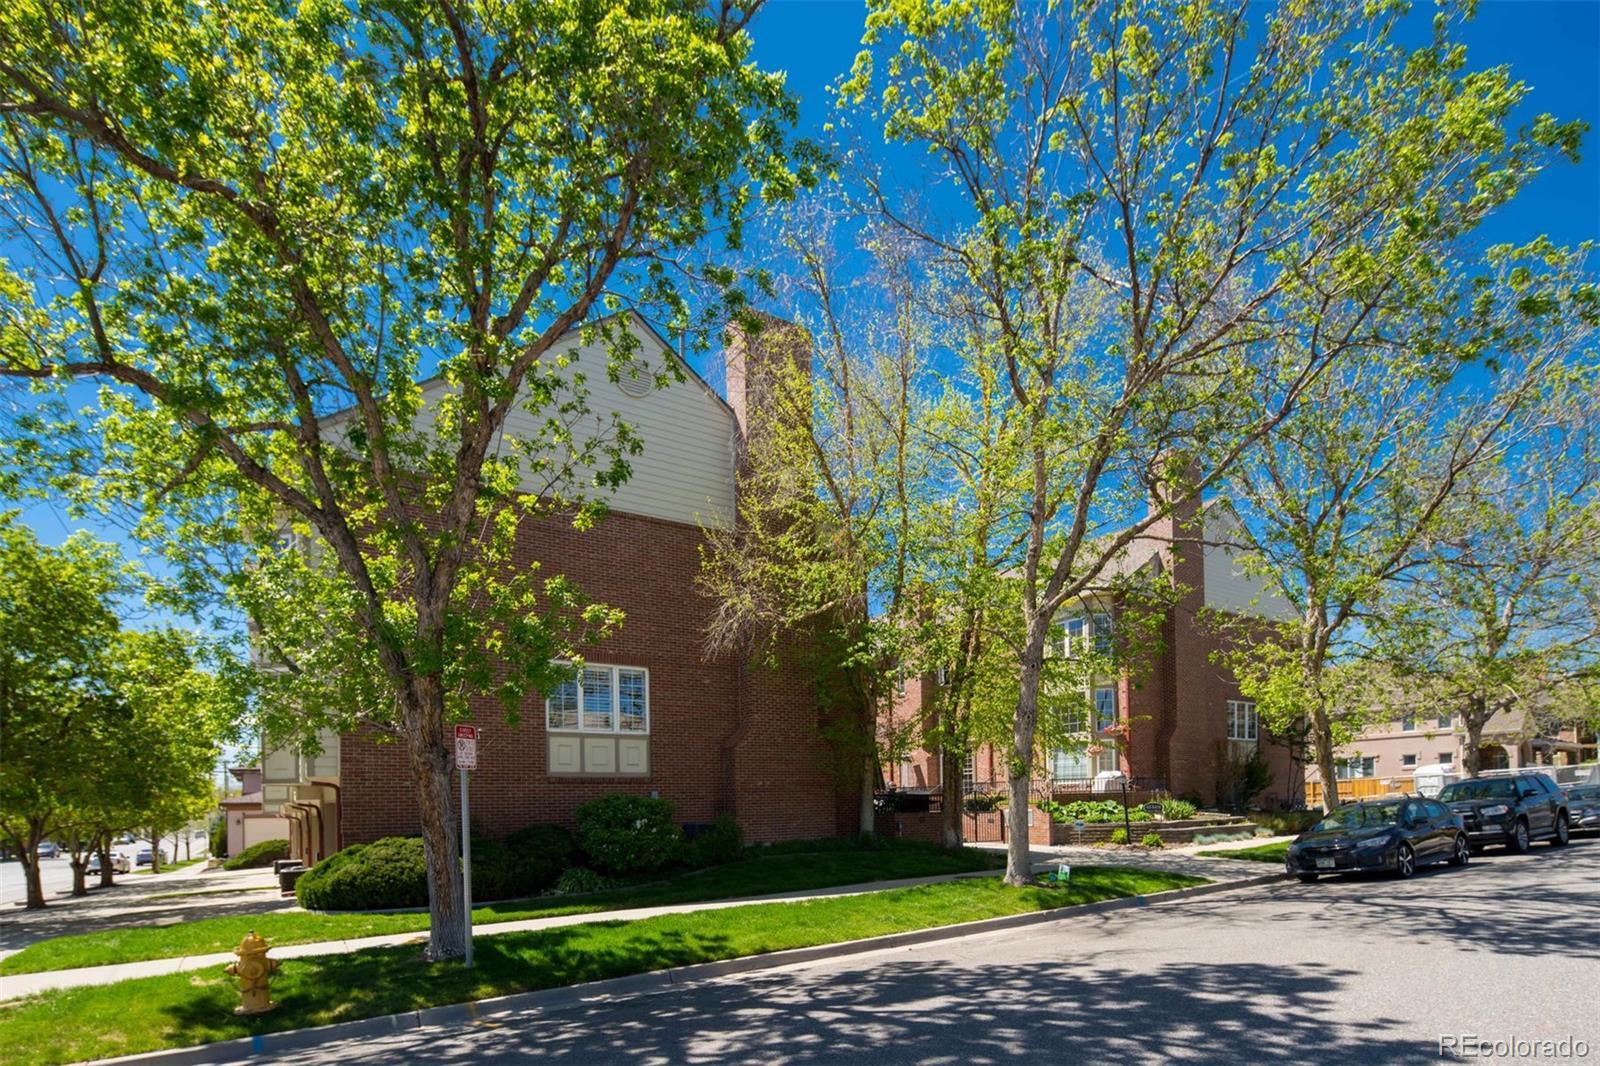 MLS# 3284647 - 22 - 63 S Harrison Street #E, Denver, CO 80209